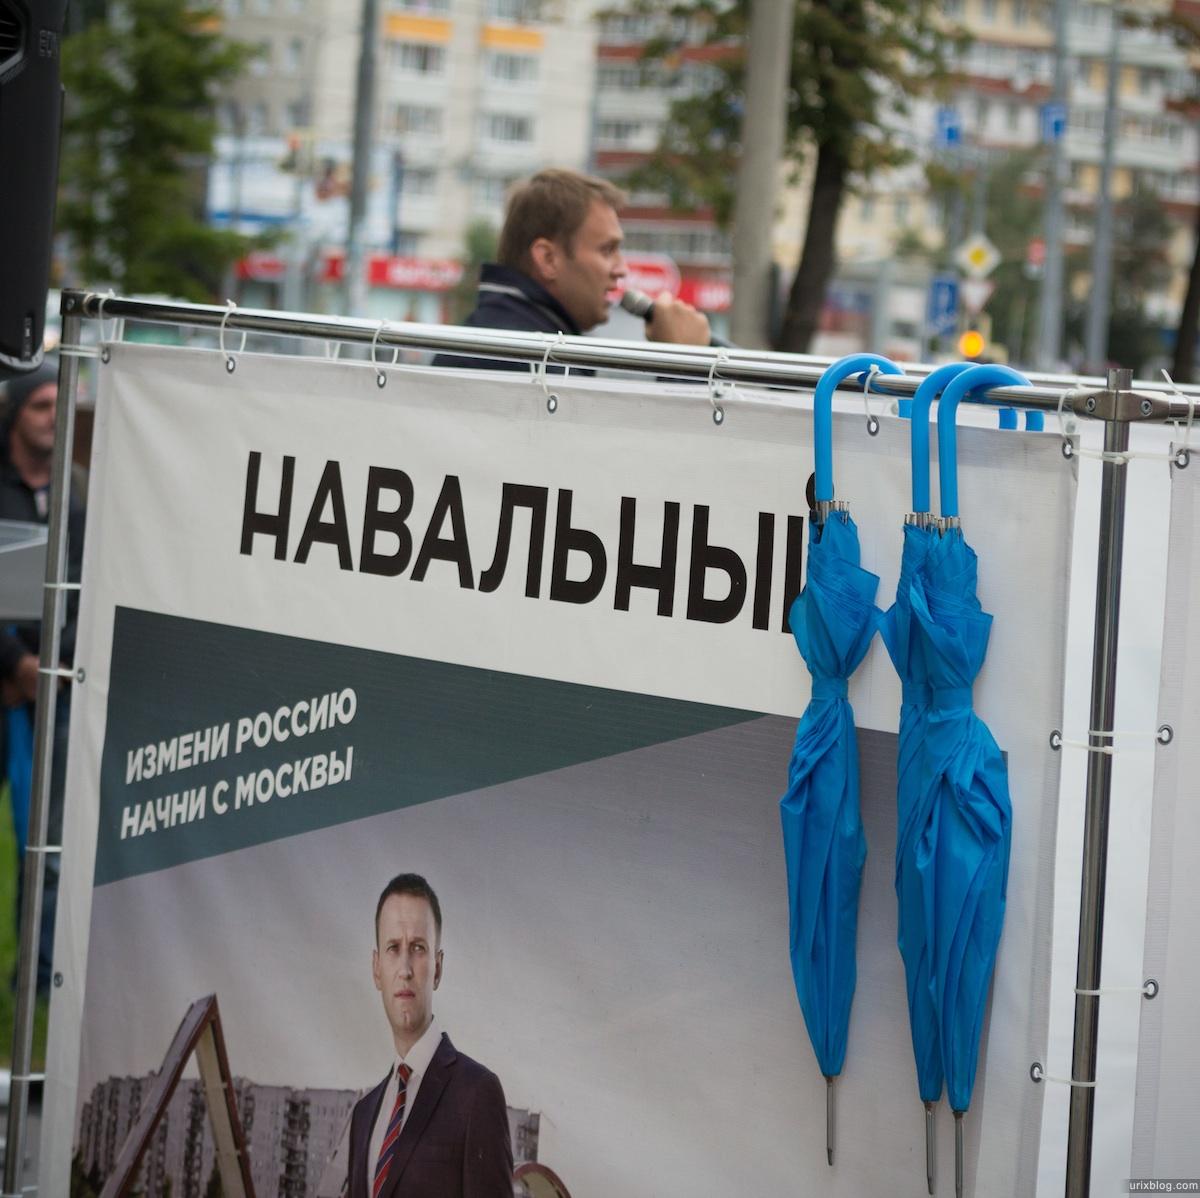 2013, Москва, Россия, Преображенская площадь, Алексей Навальный, митинг, встреча, мэр